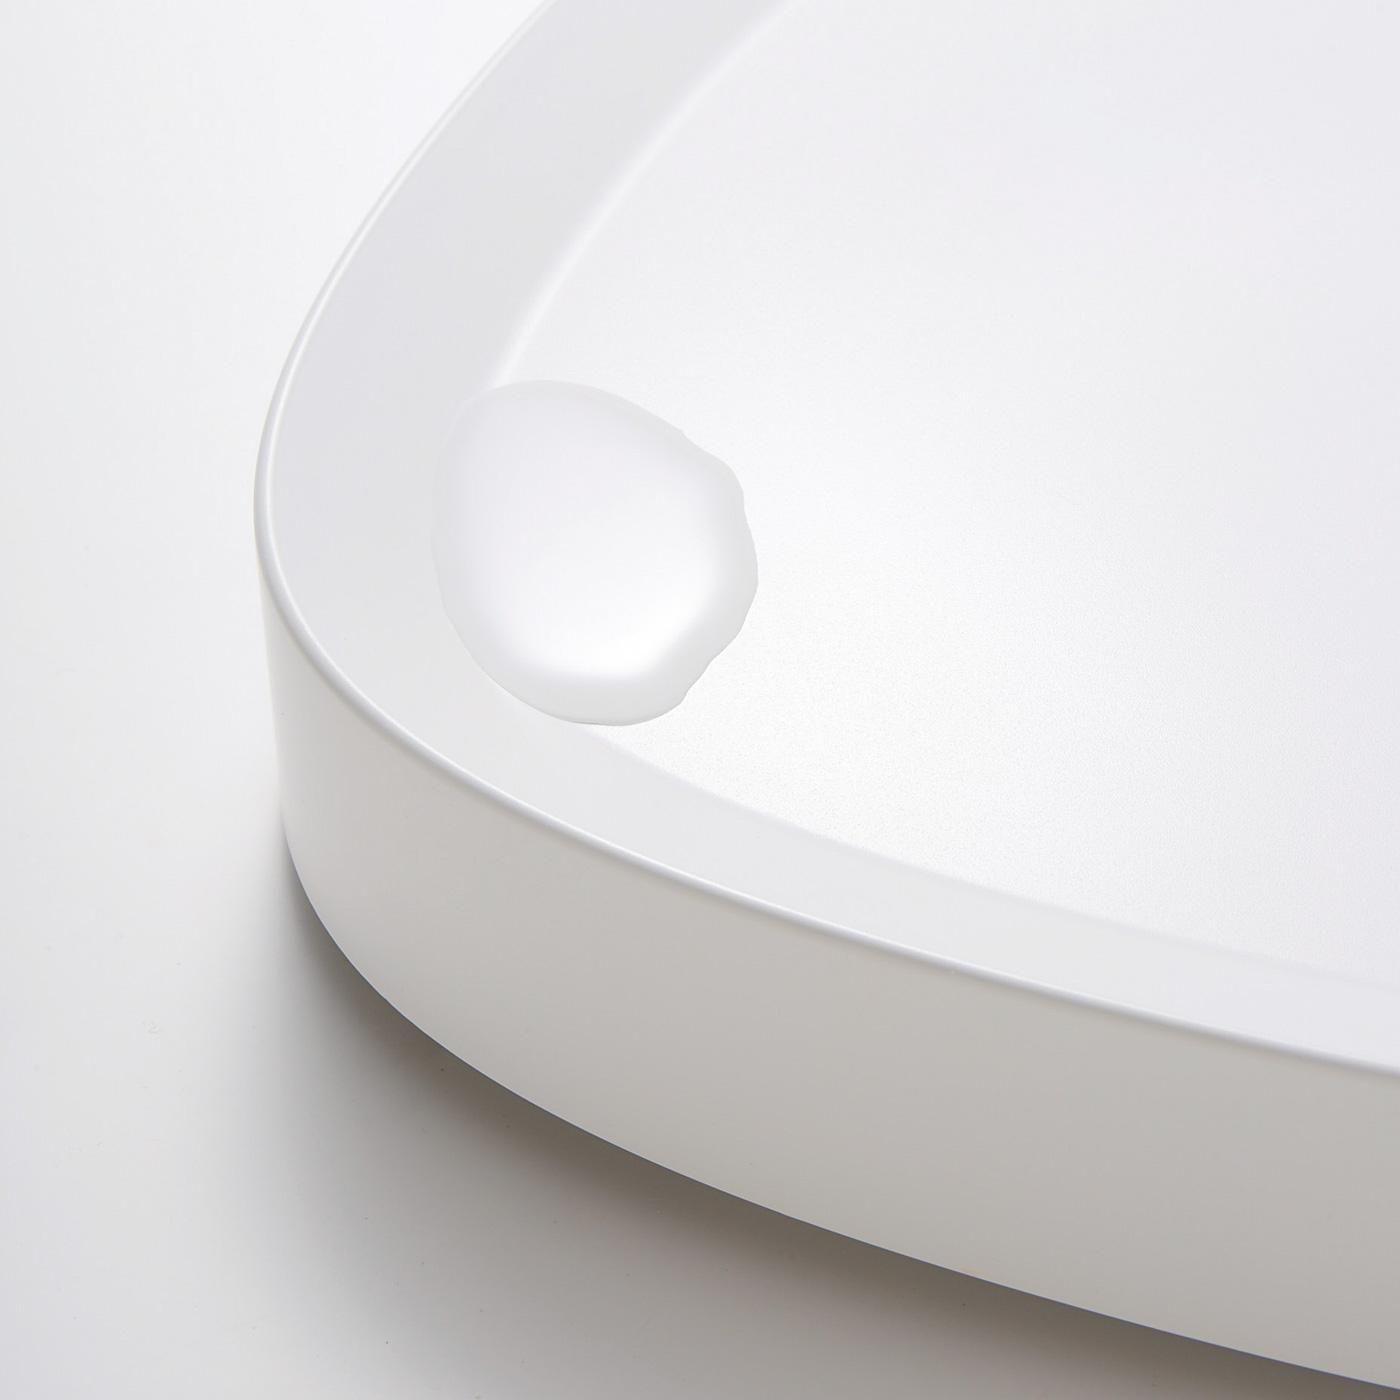 縁に立ち上がりのあるデザインで、鉢からの水こぼれに対応。